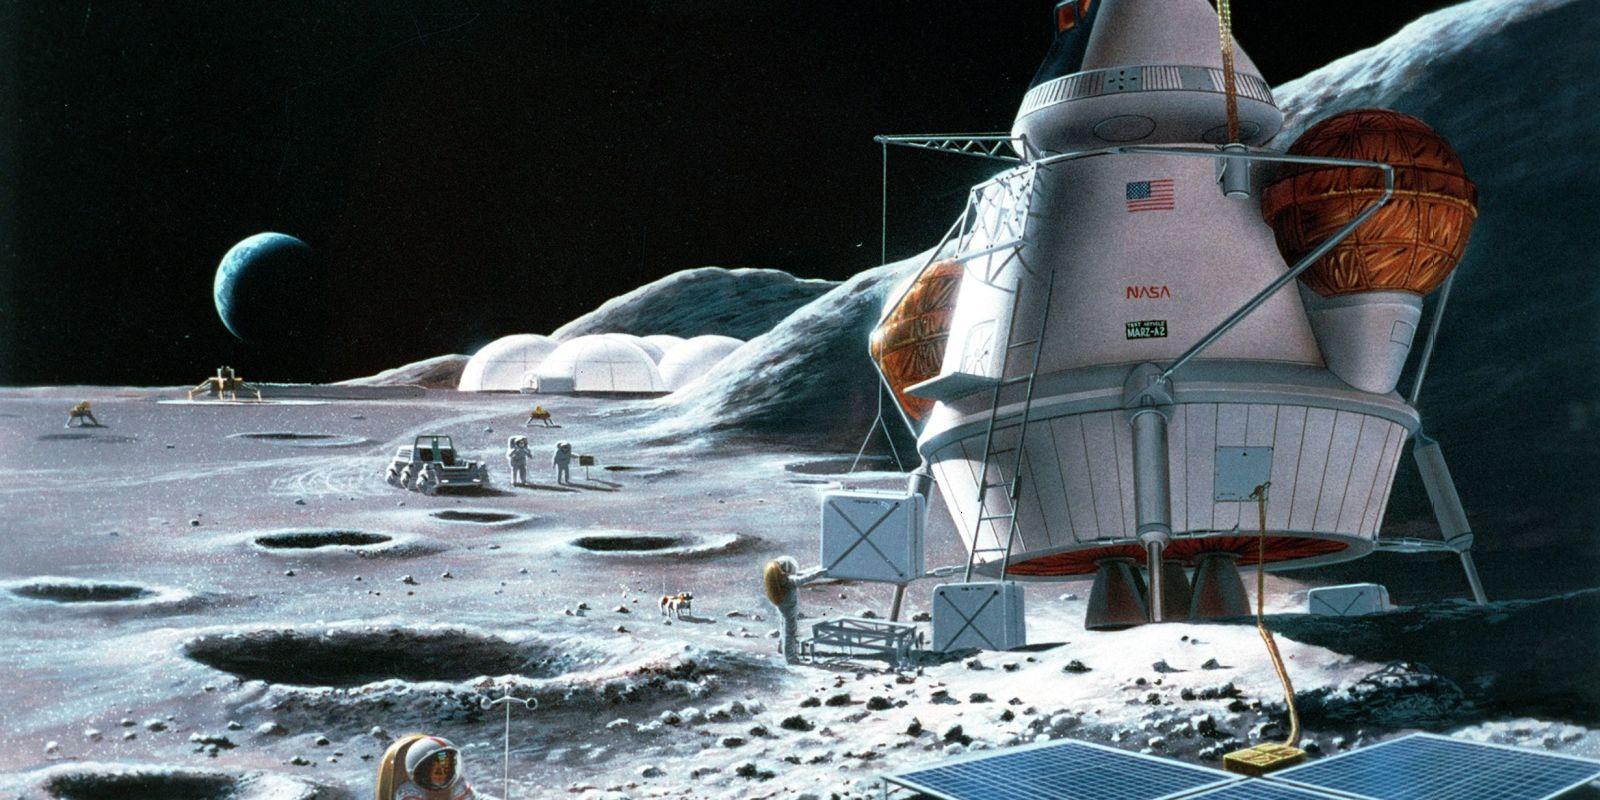 moon base meteor - photo #17